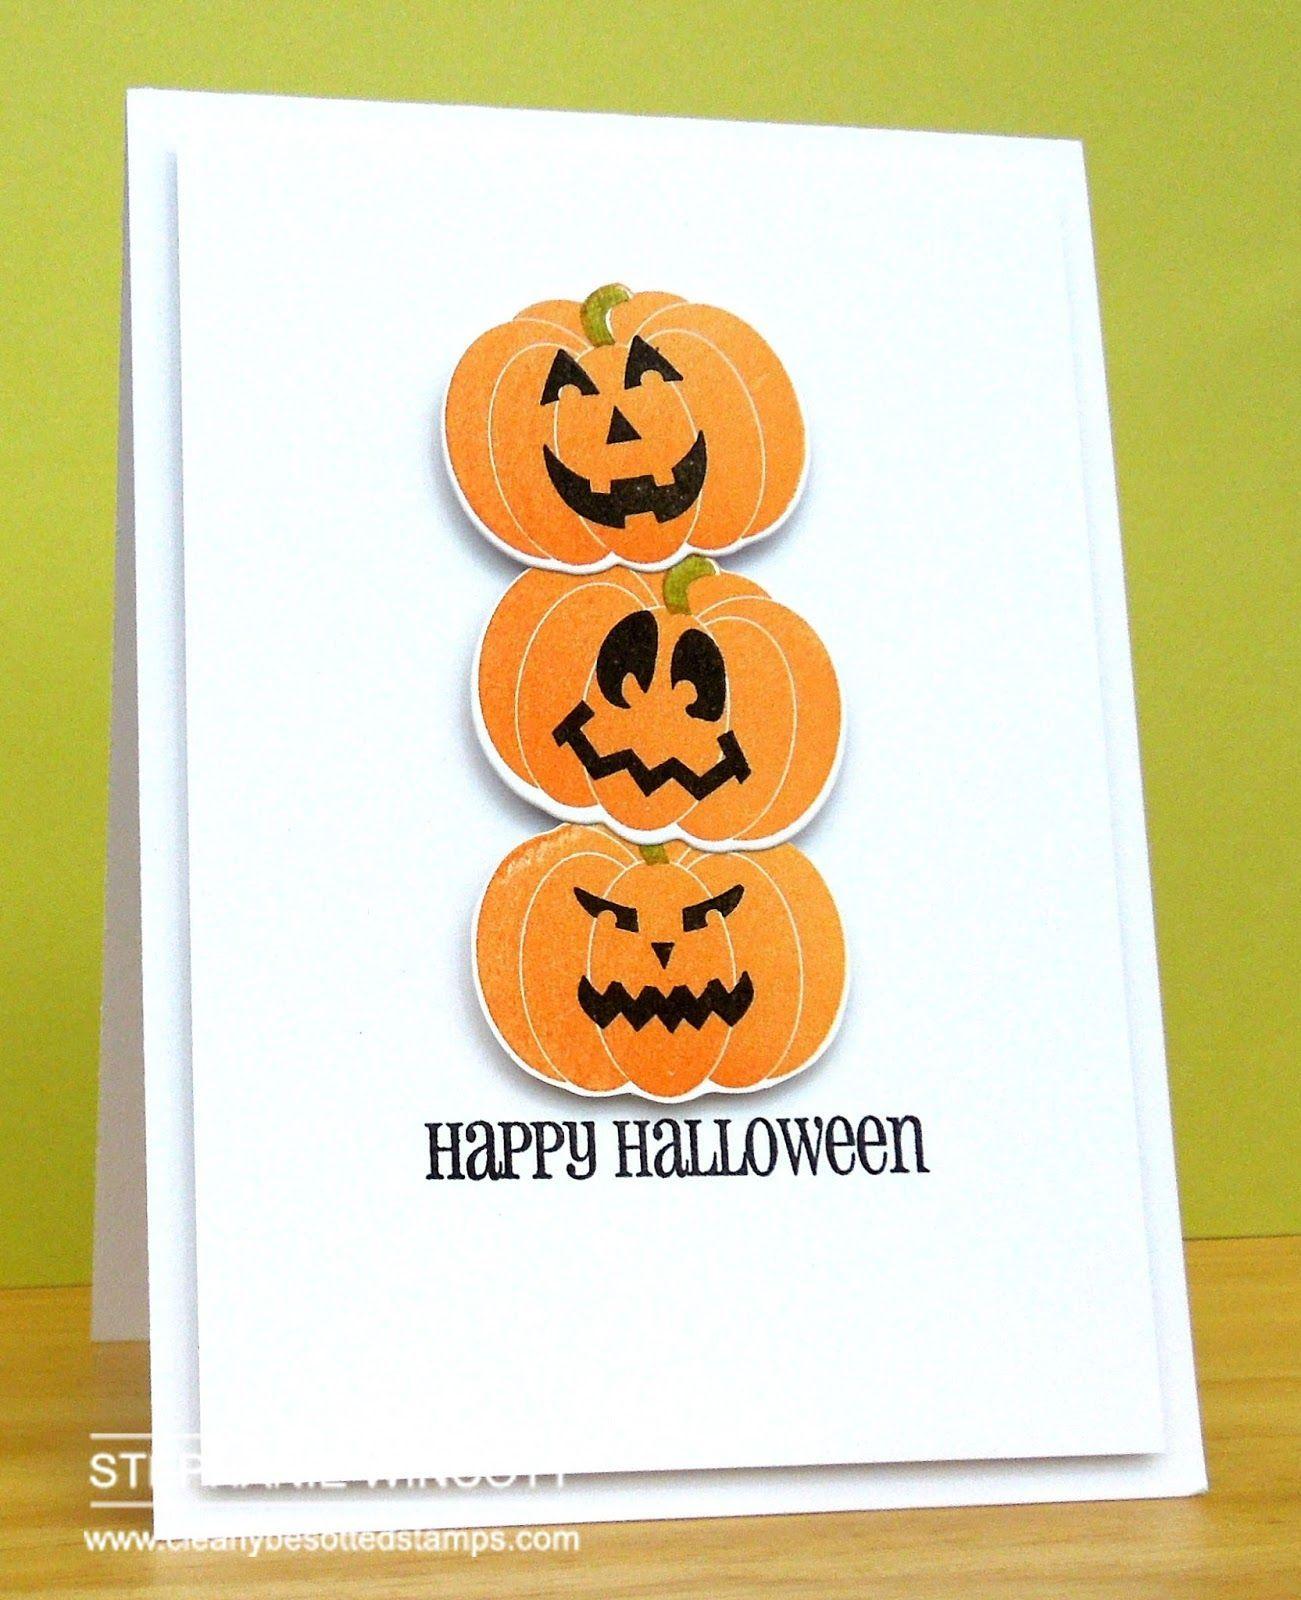 Свадьбе лет, открытки на хэллоуин с детьми